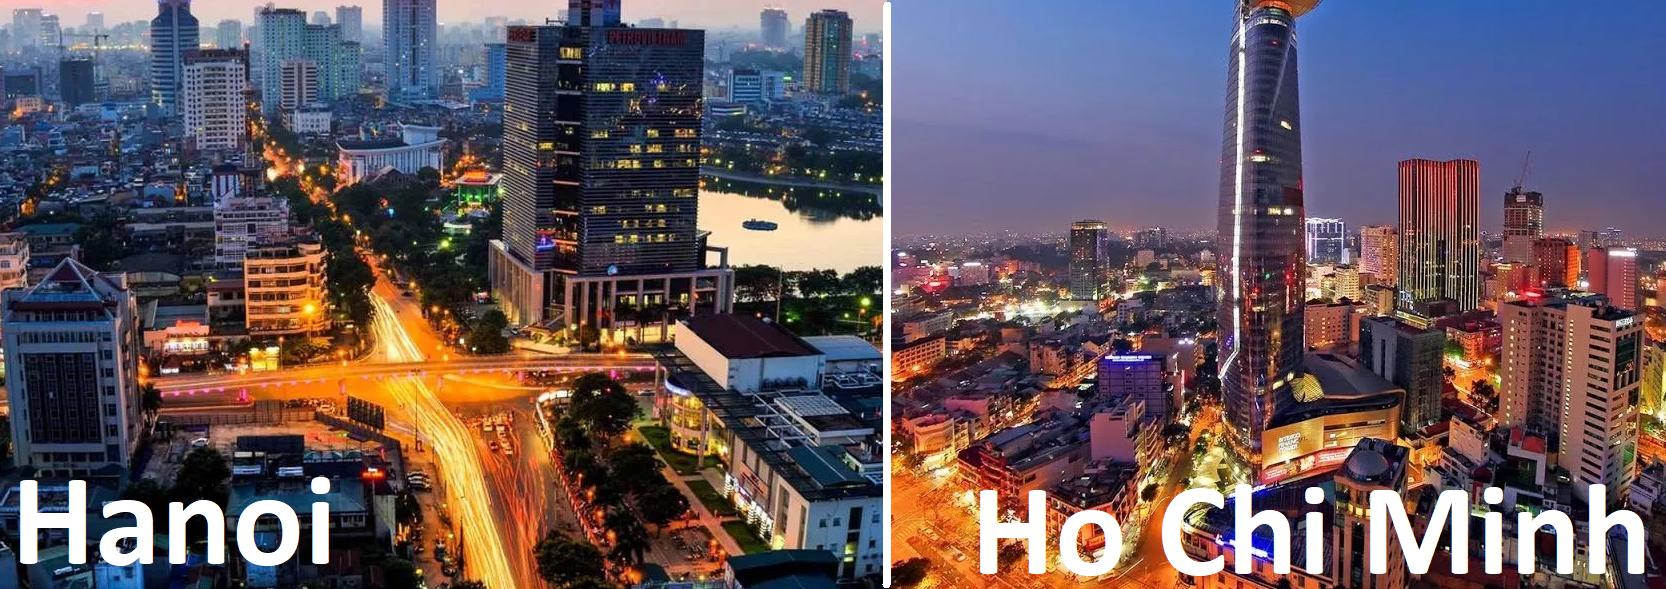 Hanoi oswa Ho Chi Minh City